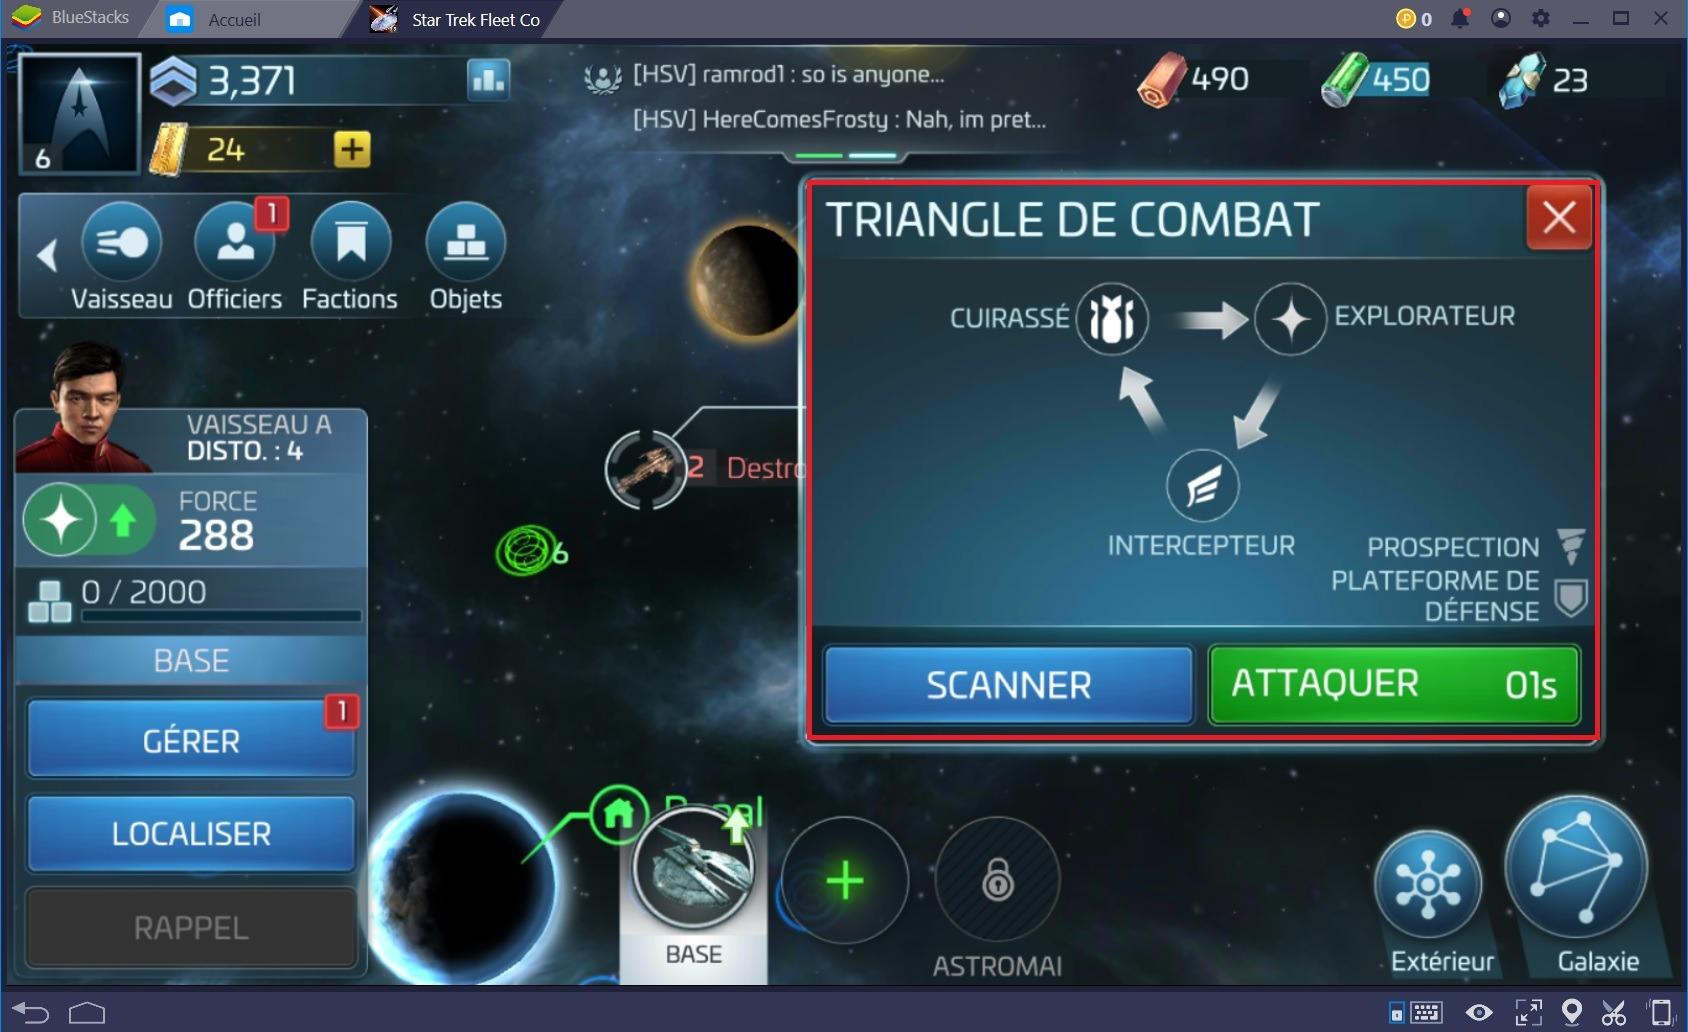 Star Trek Fleet Command : 5 astuces pour devenir le grand-maître de la Galaxie